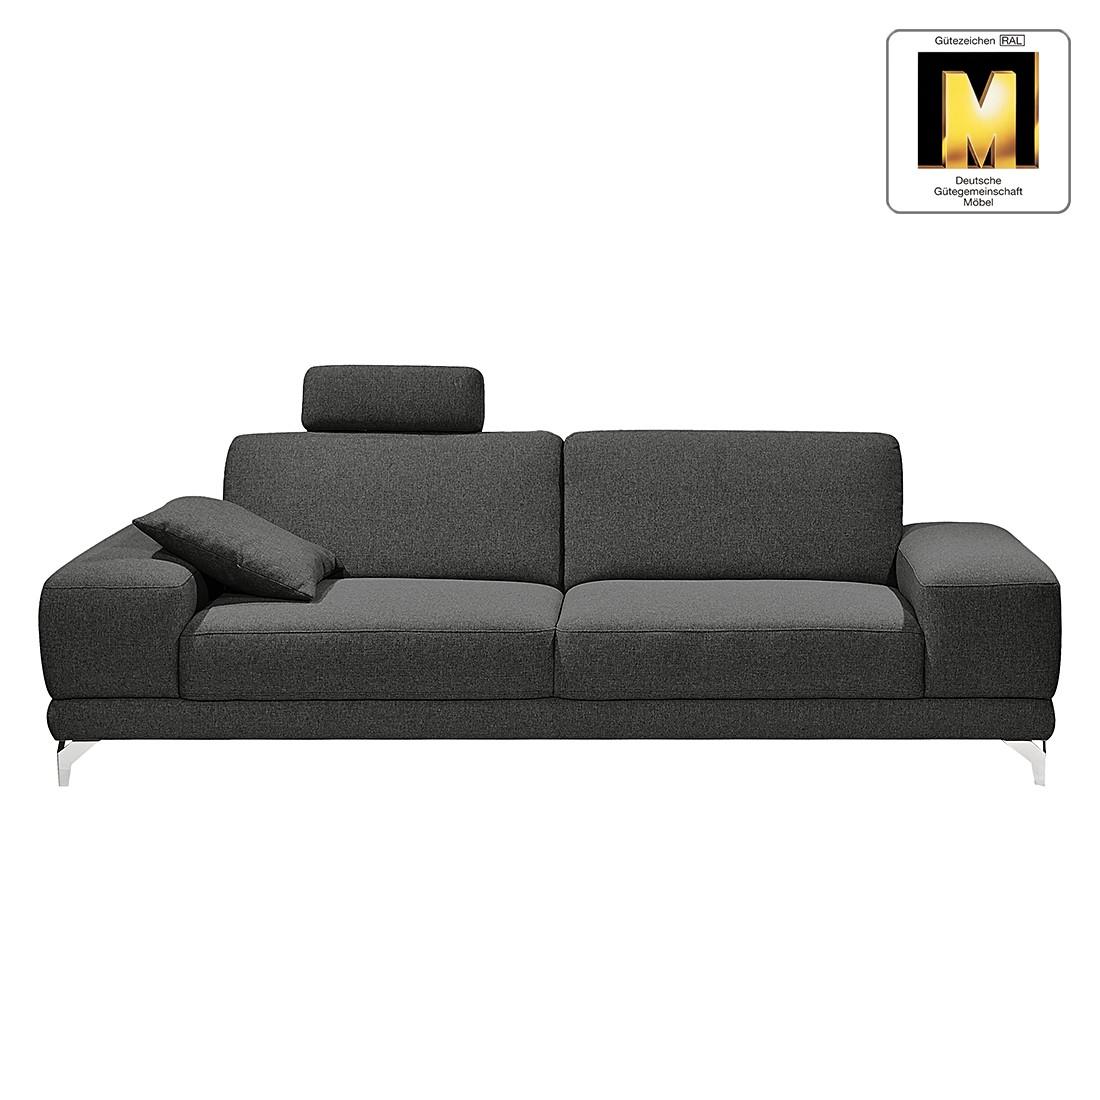 Sofa Casual Line (3-Sitzer) – Strukturstoff – Keine Funktion – Anthrazit, Claas Claasen online kaufen